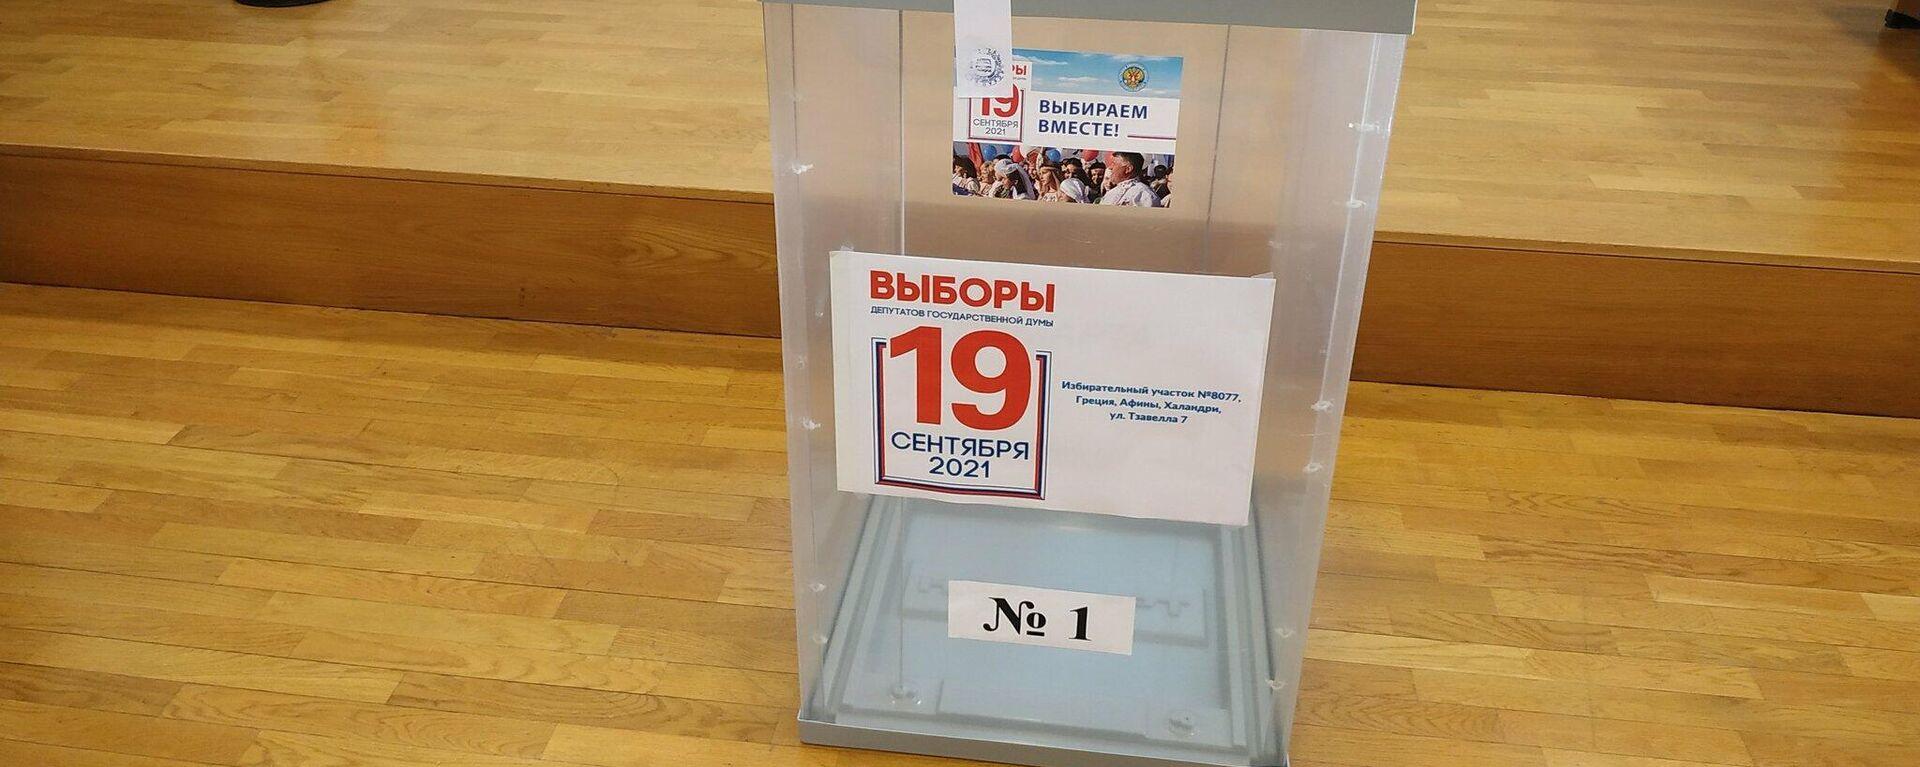 Βουλευτικές εκλογές στην Κρατική Δούμα: Δύο εκλογικά κέντρα στην Ελλάδα - Sputnik Ελλάδα, 1920, 19.09.2021